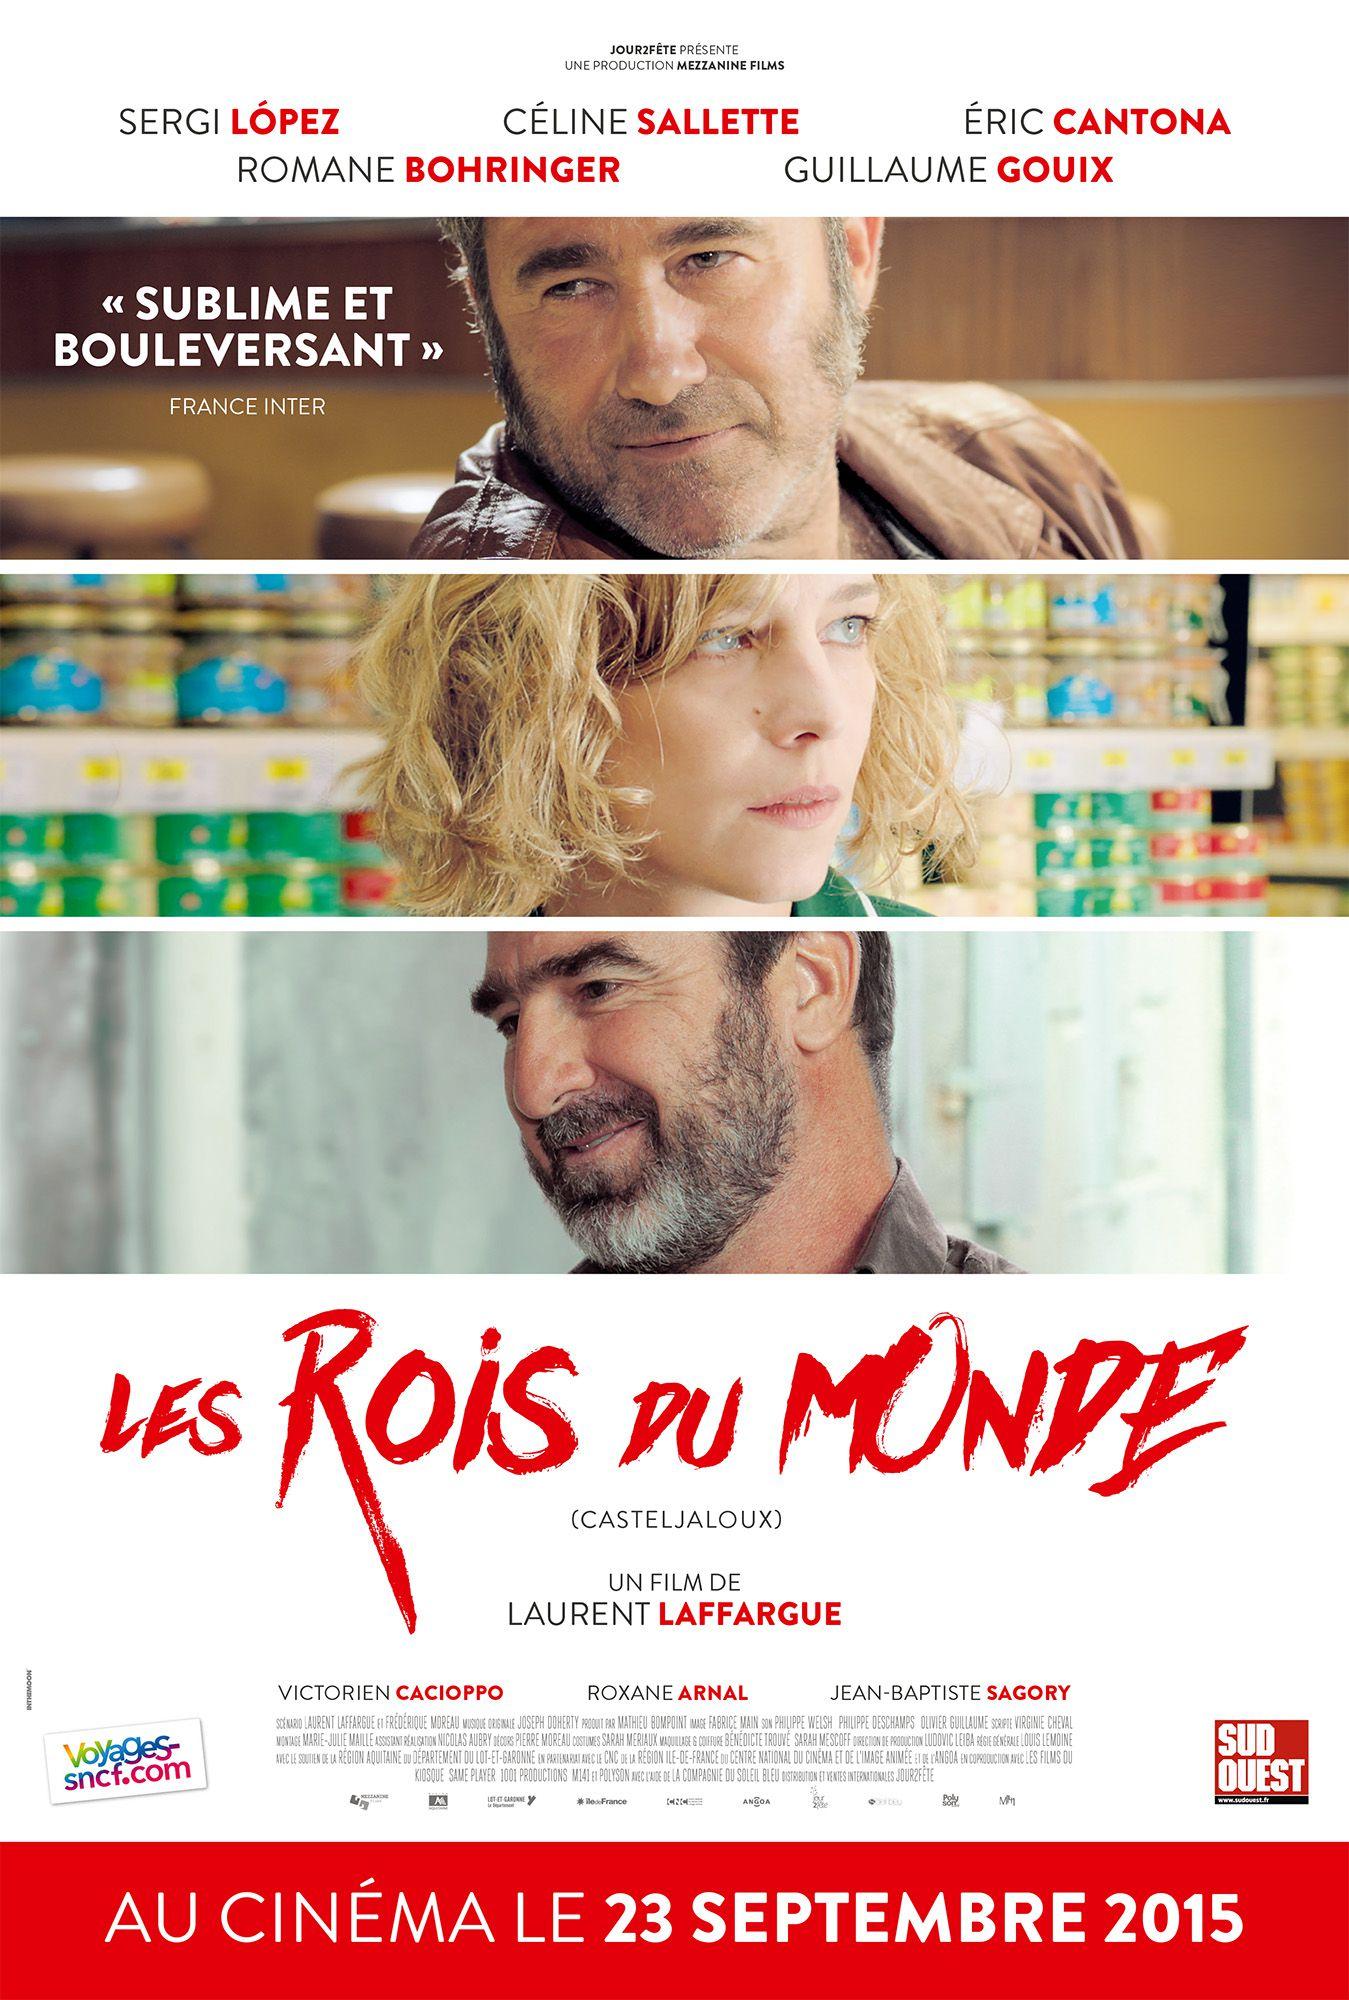 Les Rois du monde - Film (2015)